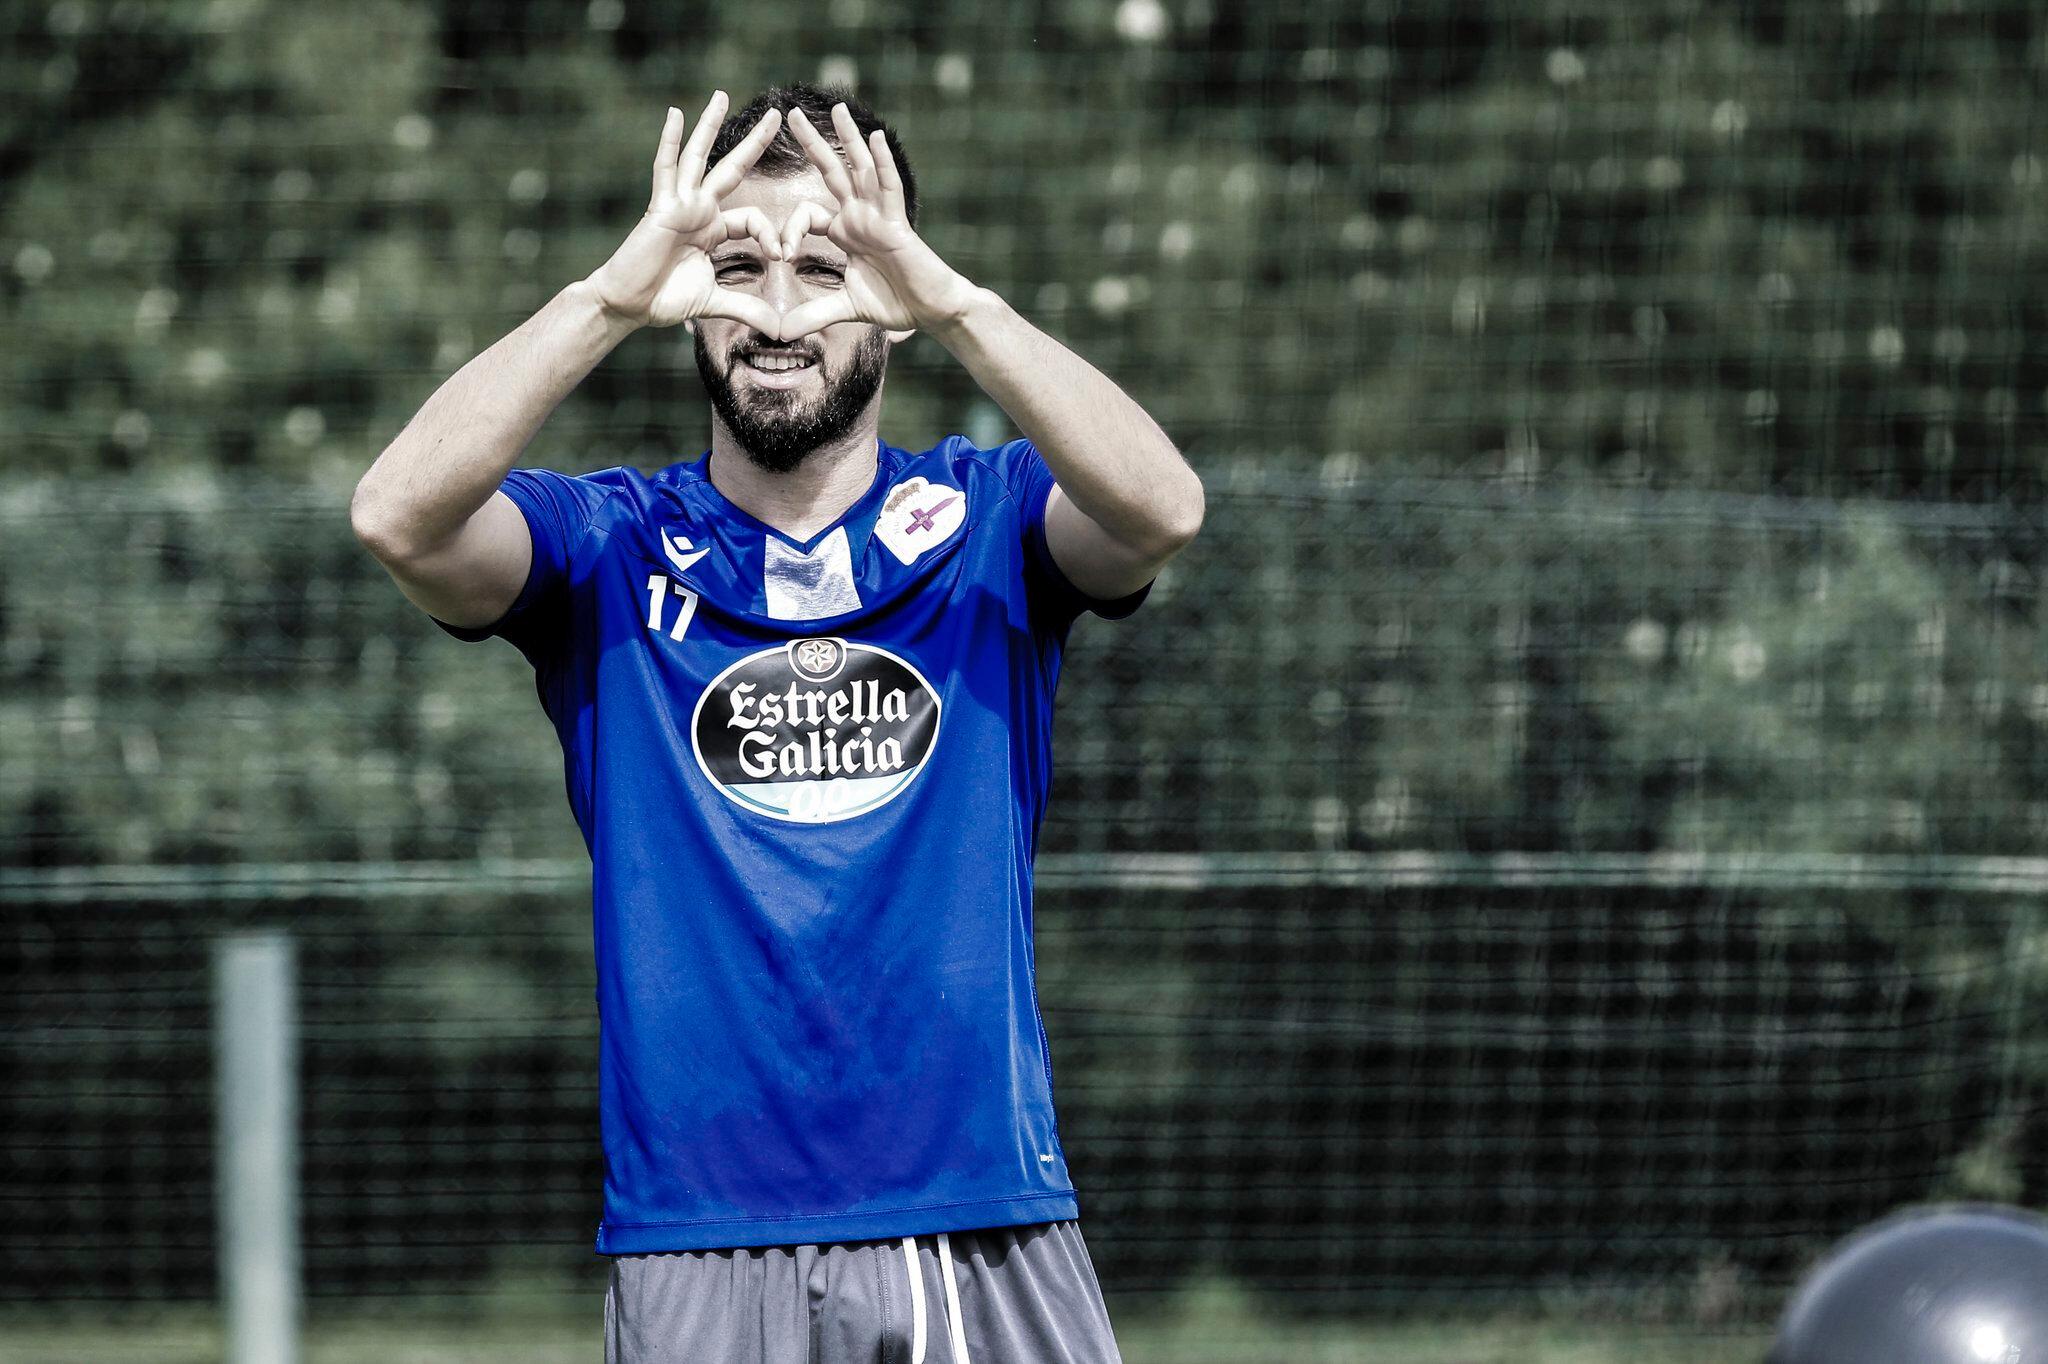 Emre Çolak'ın adı Süper Lig ekiplerinden Göztepe ile anılıyor.